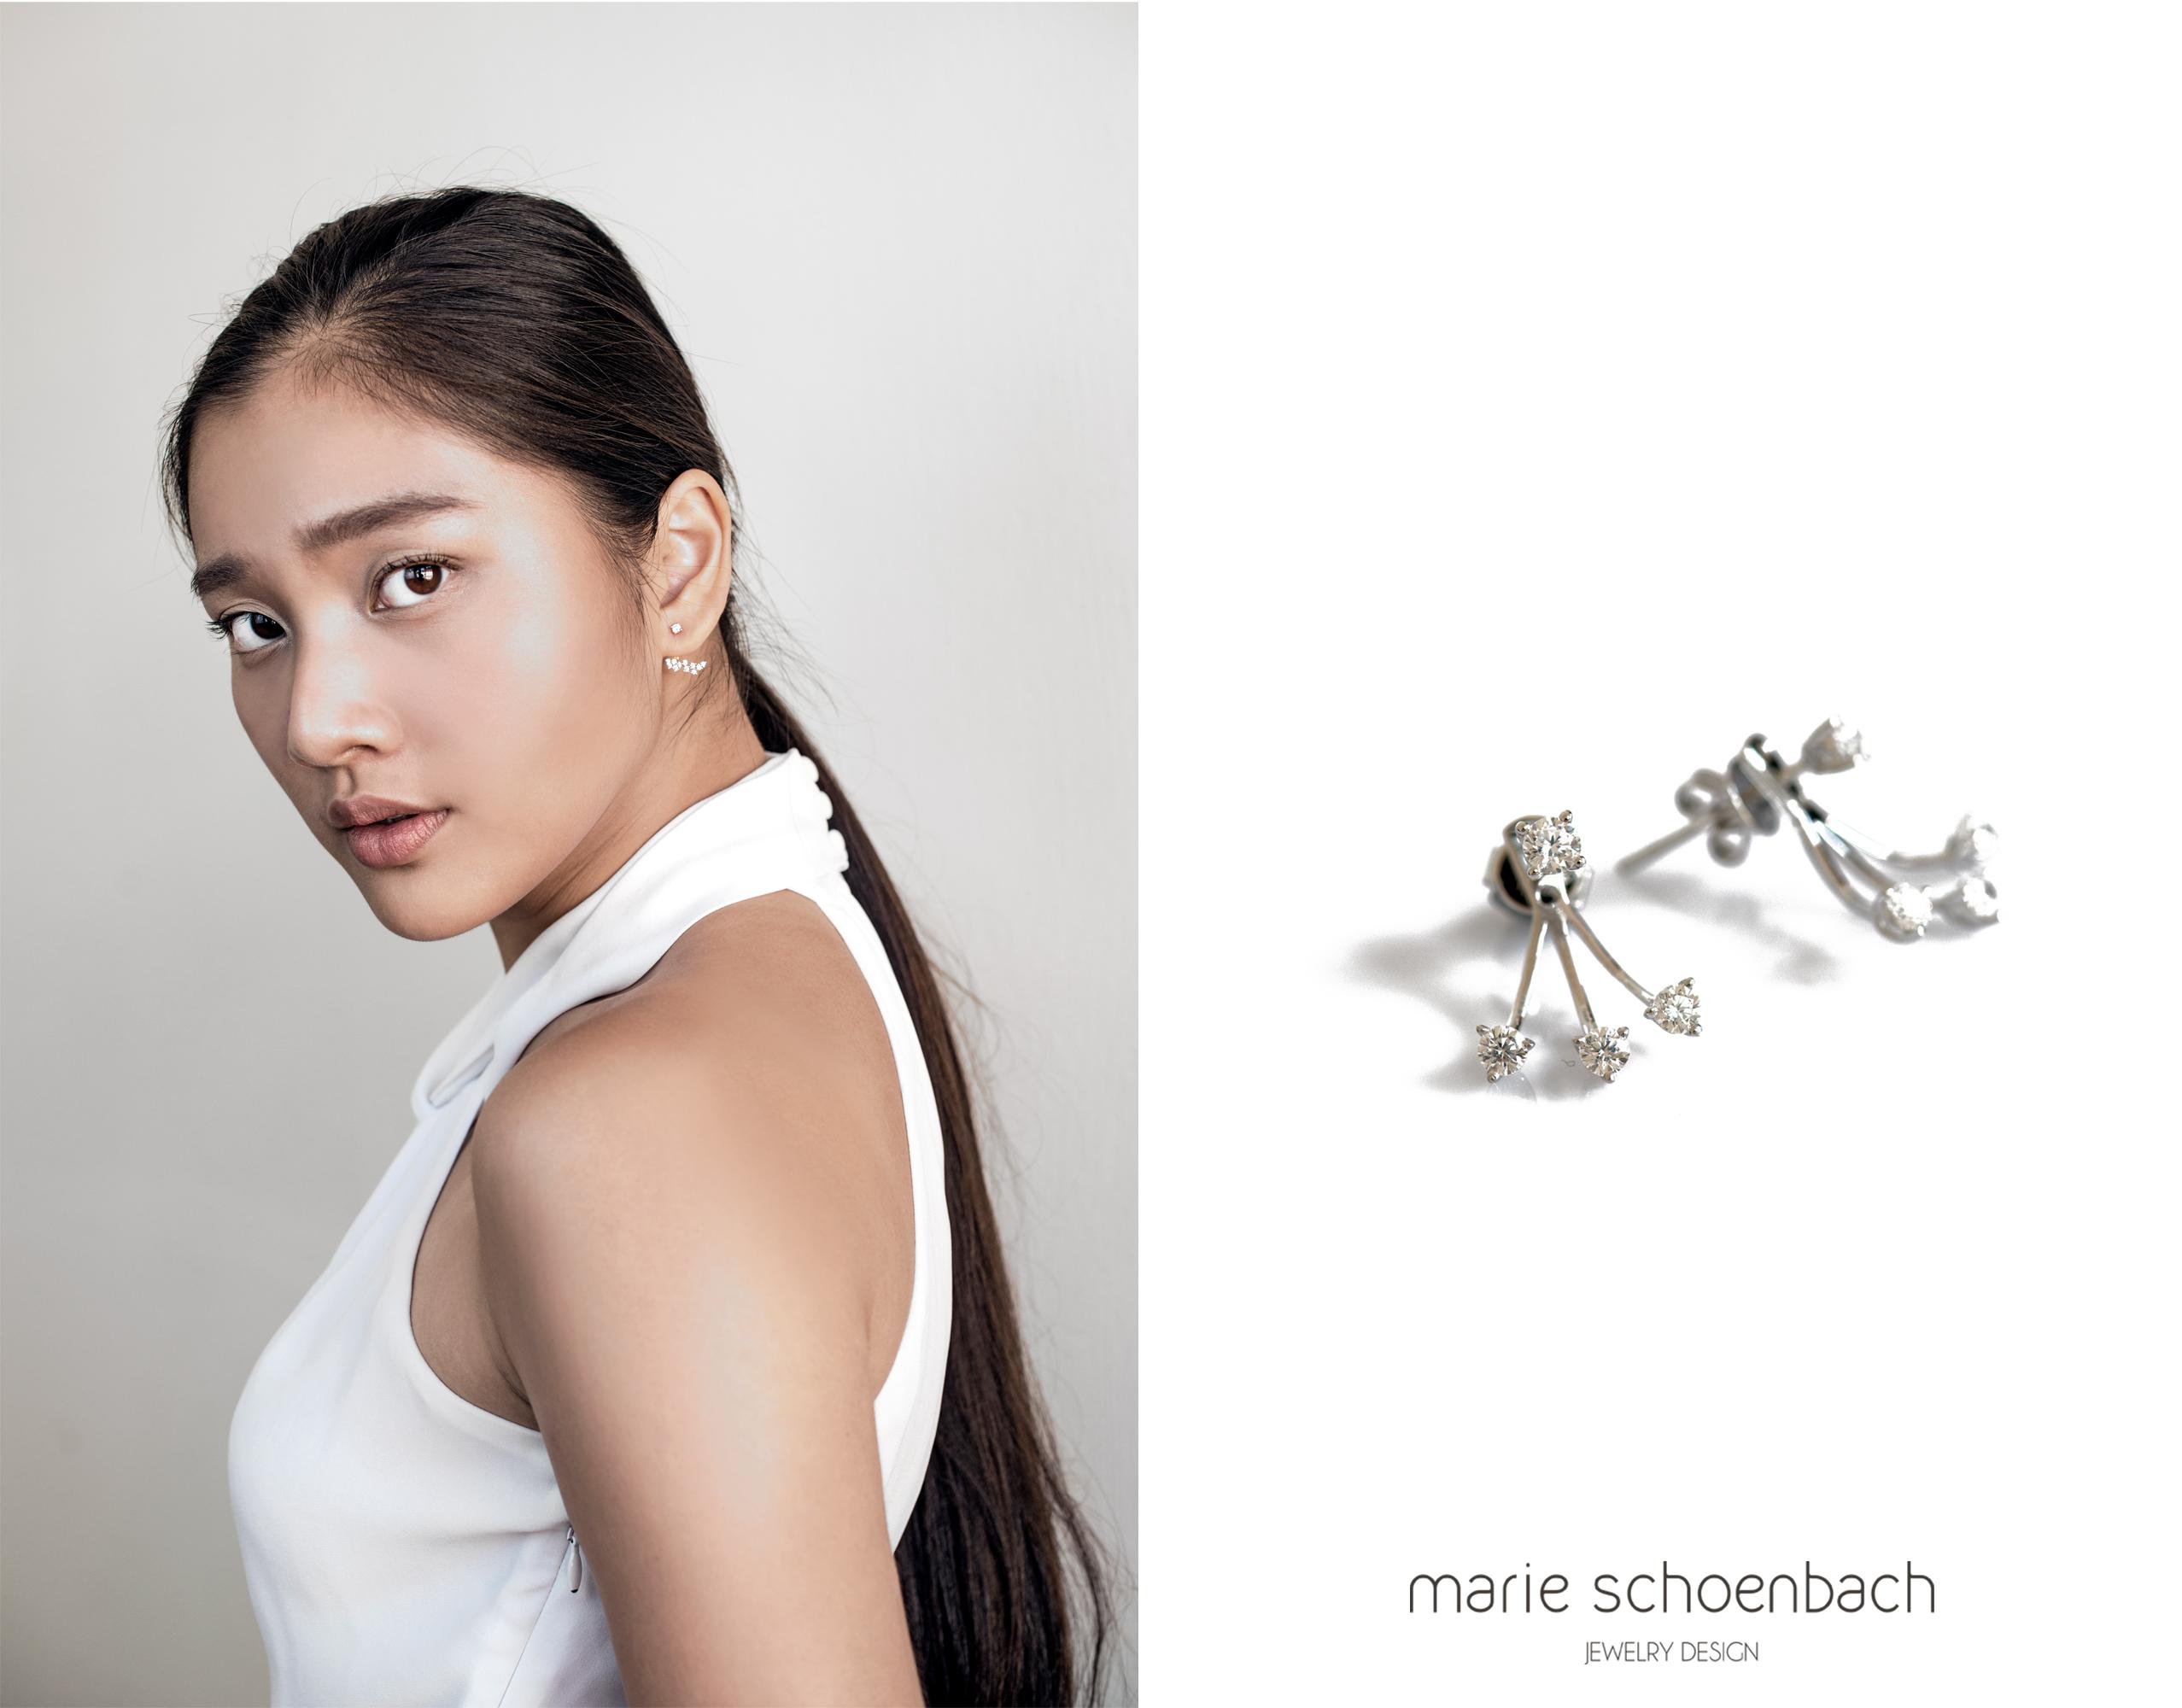 Schoenbach Jewelry Ad III